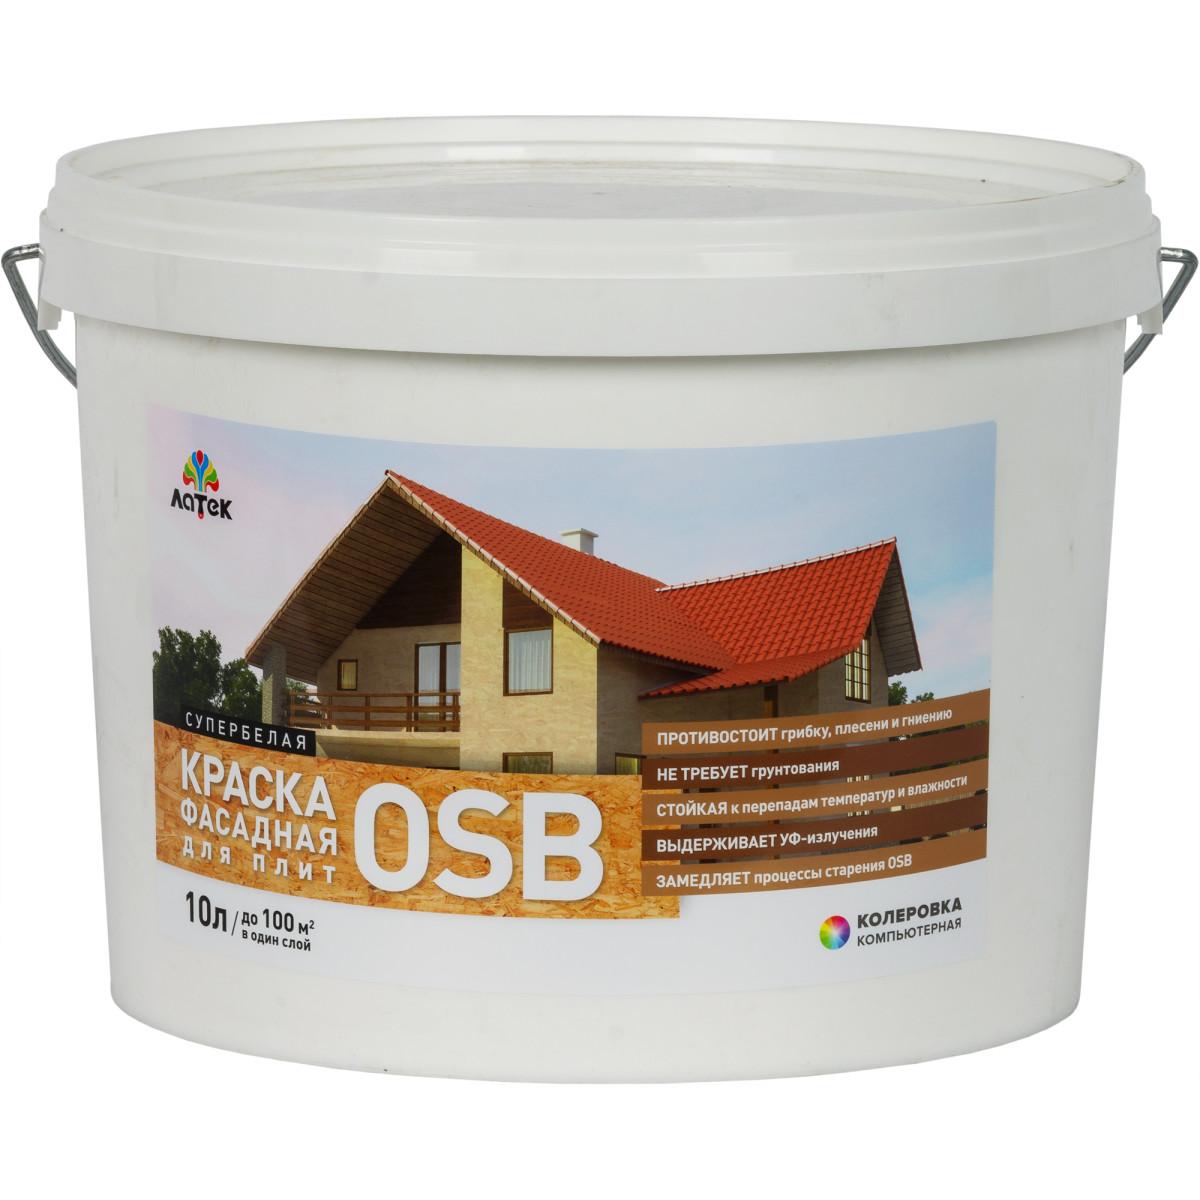 Краска фасадная Латек для OSB 10 л